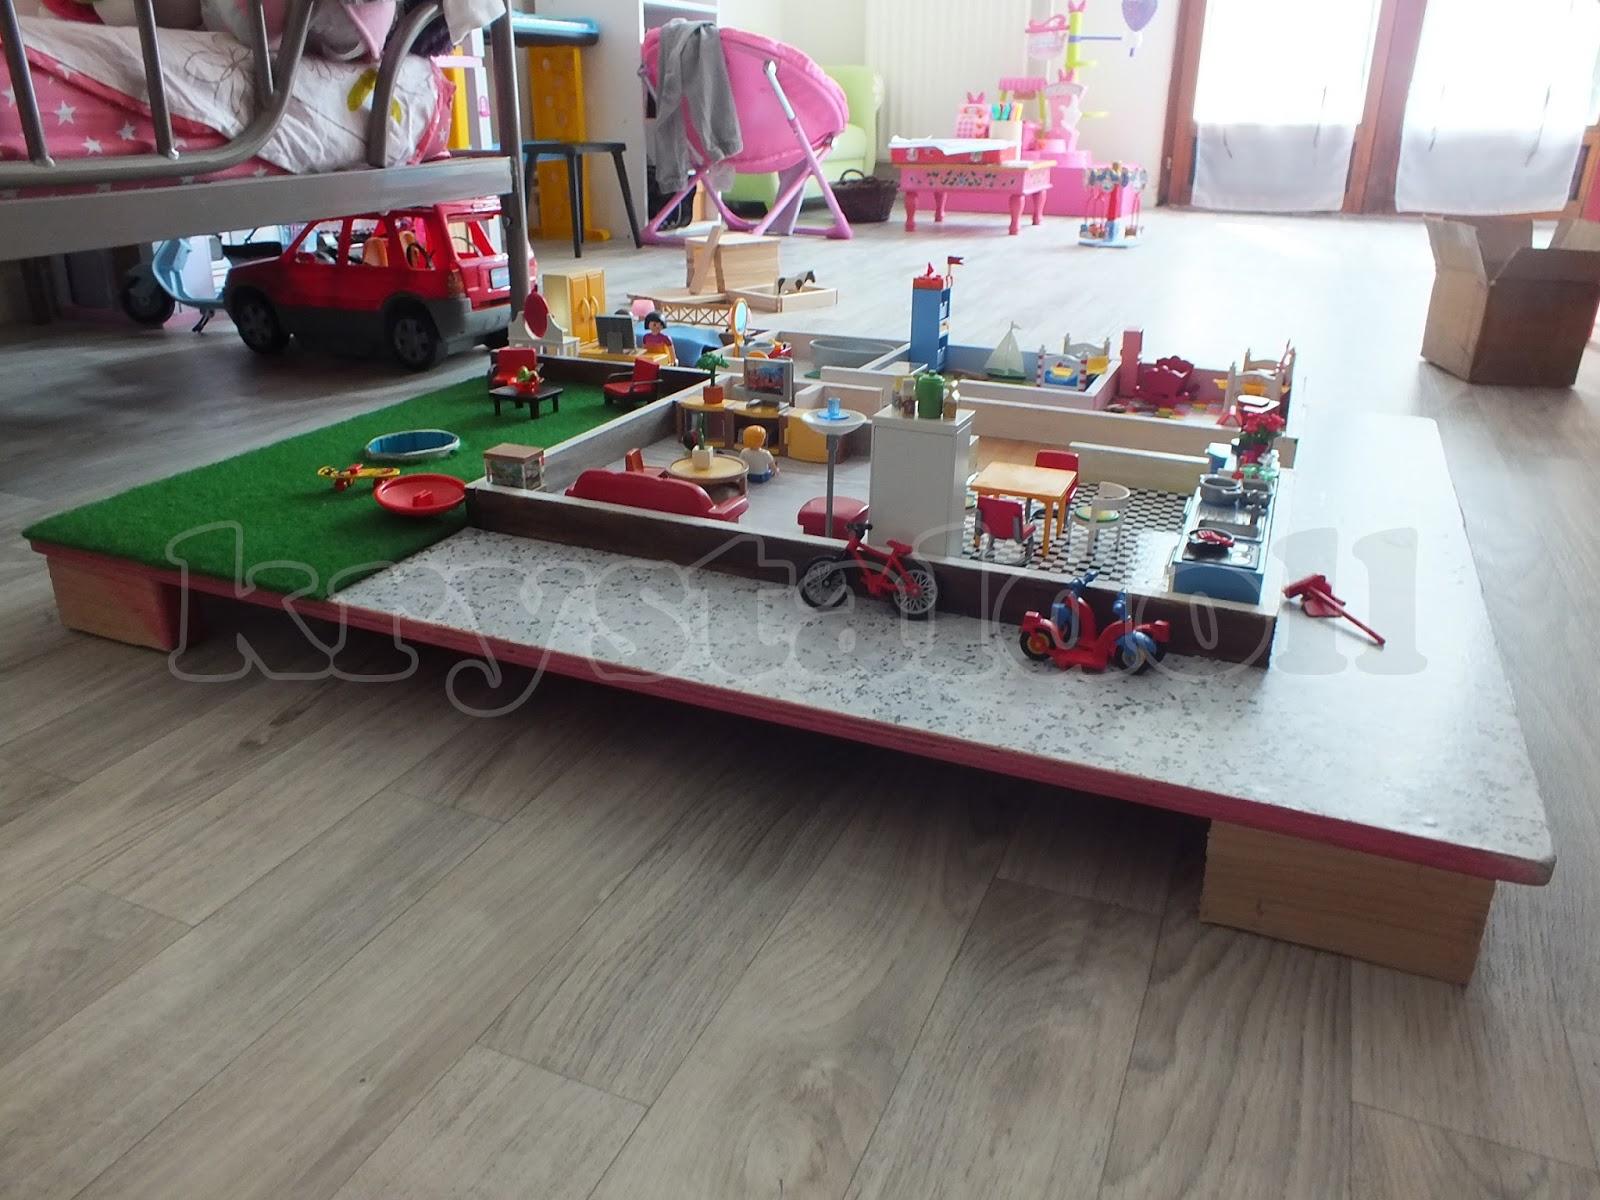 Les poup es de krystal table de jeu maison pour - Table de jeu playmobil ...